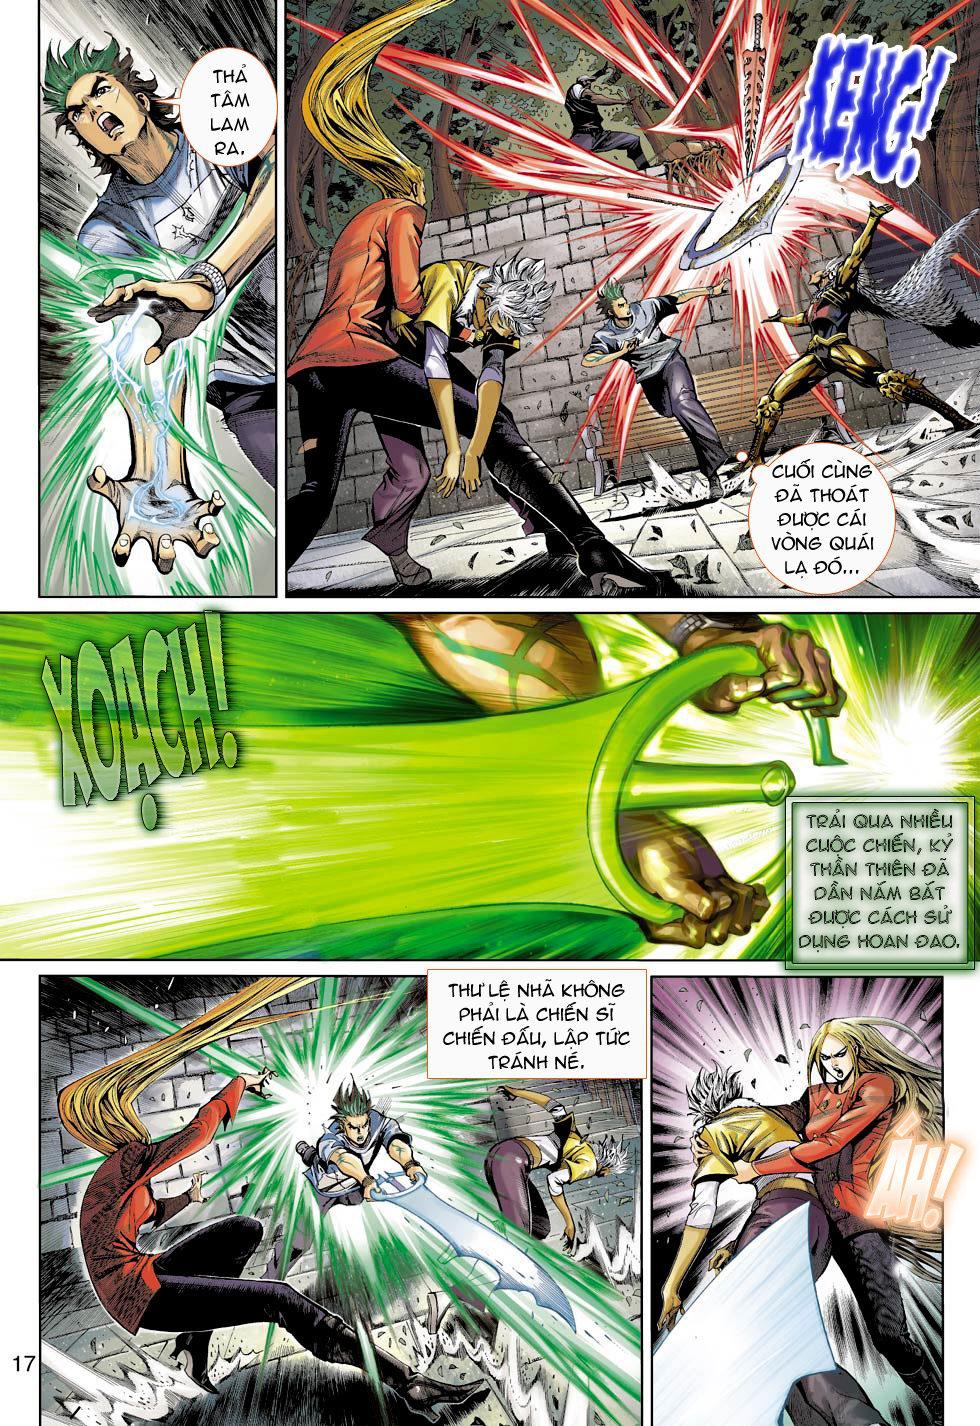 Thần Binh 4 chap 16 - Trang 17